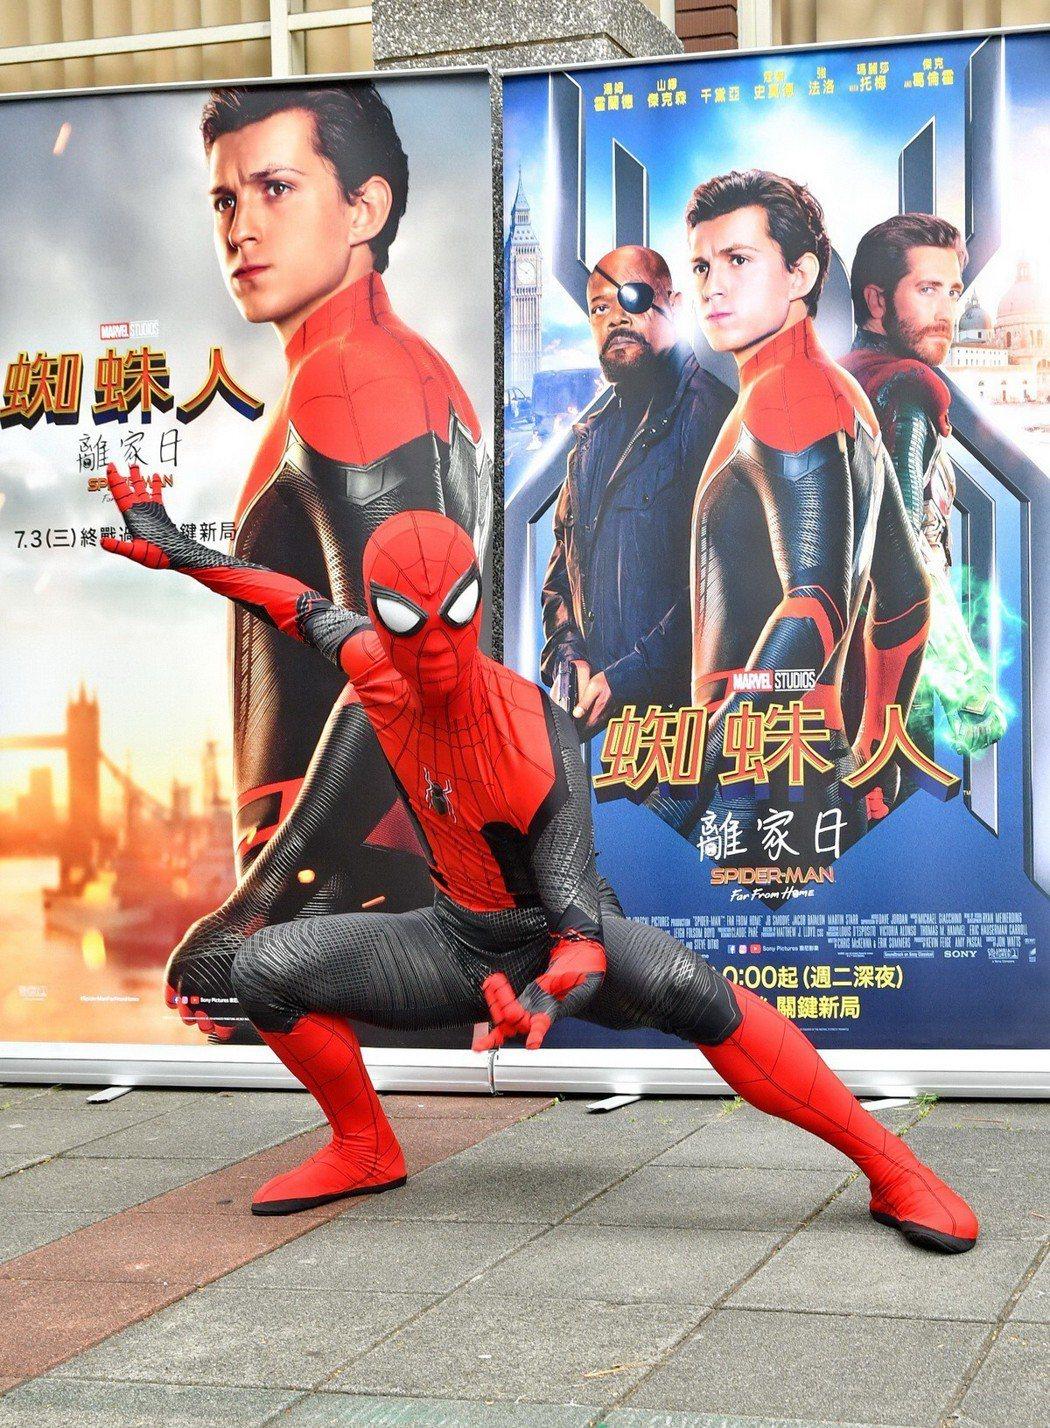 「蜘蛛人:離家日」現身指考現場。圖/索尼提供